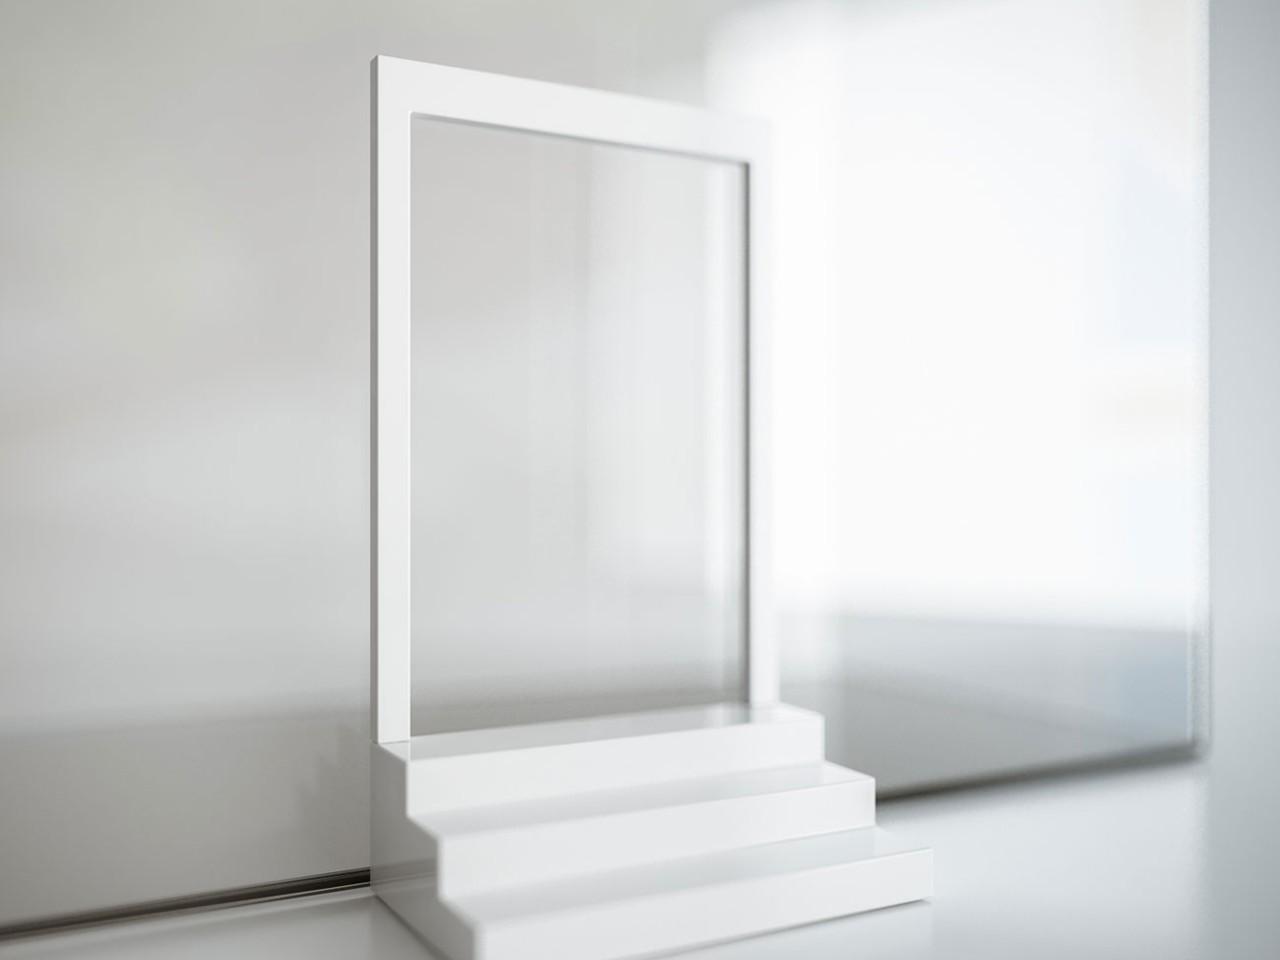 Casa de vidrio llena de agua